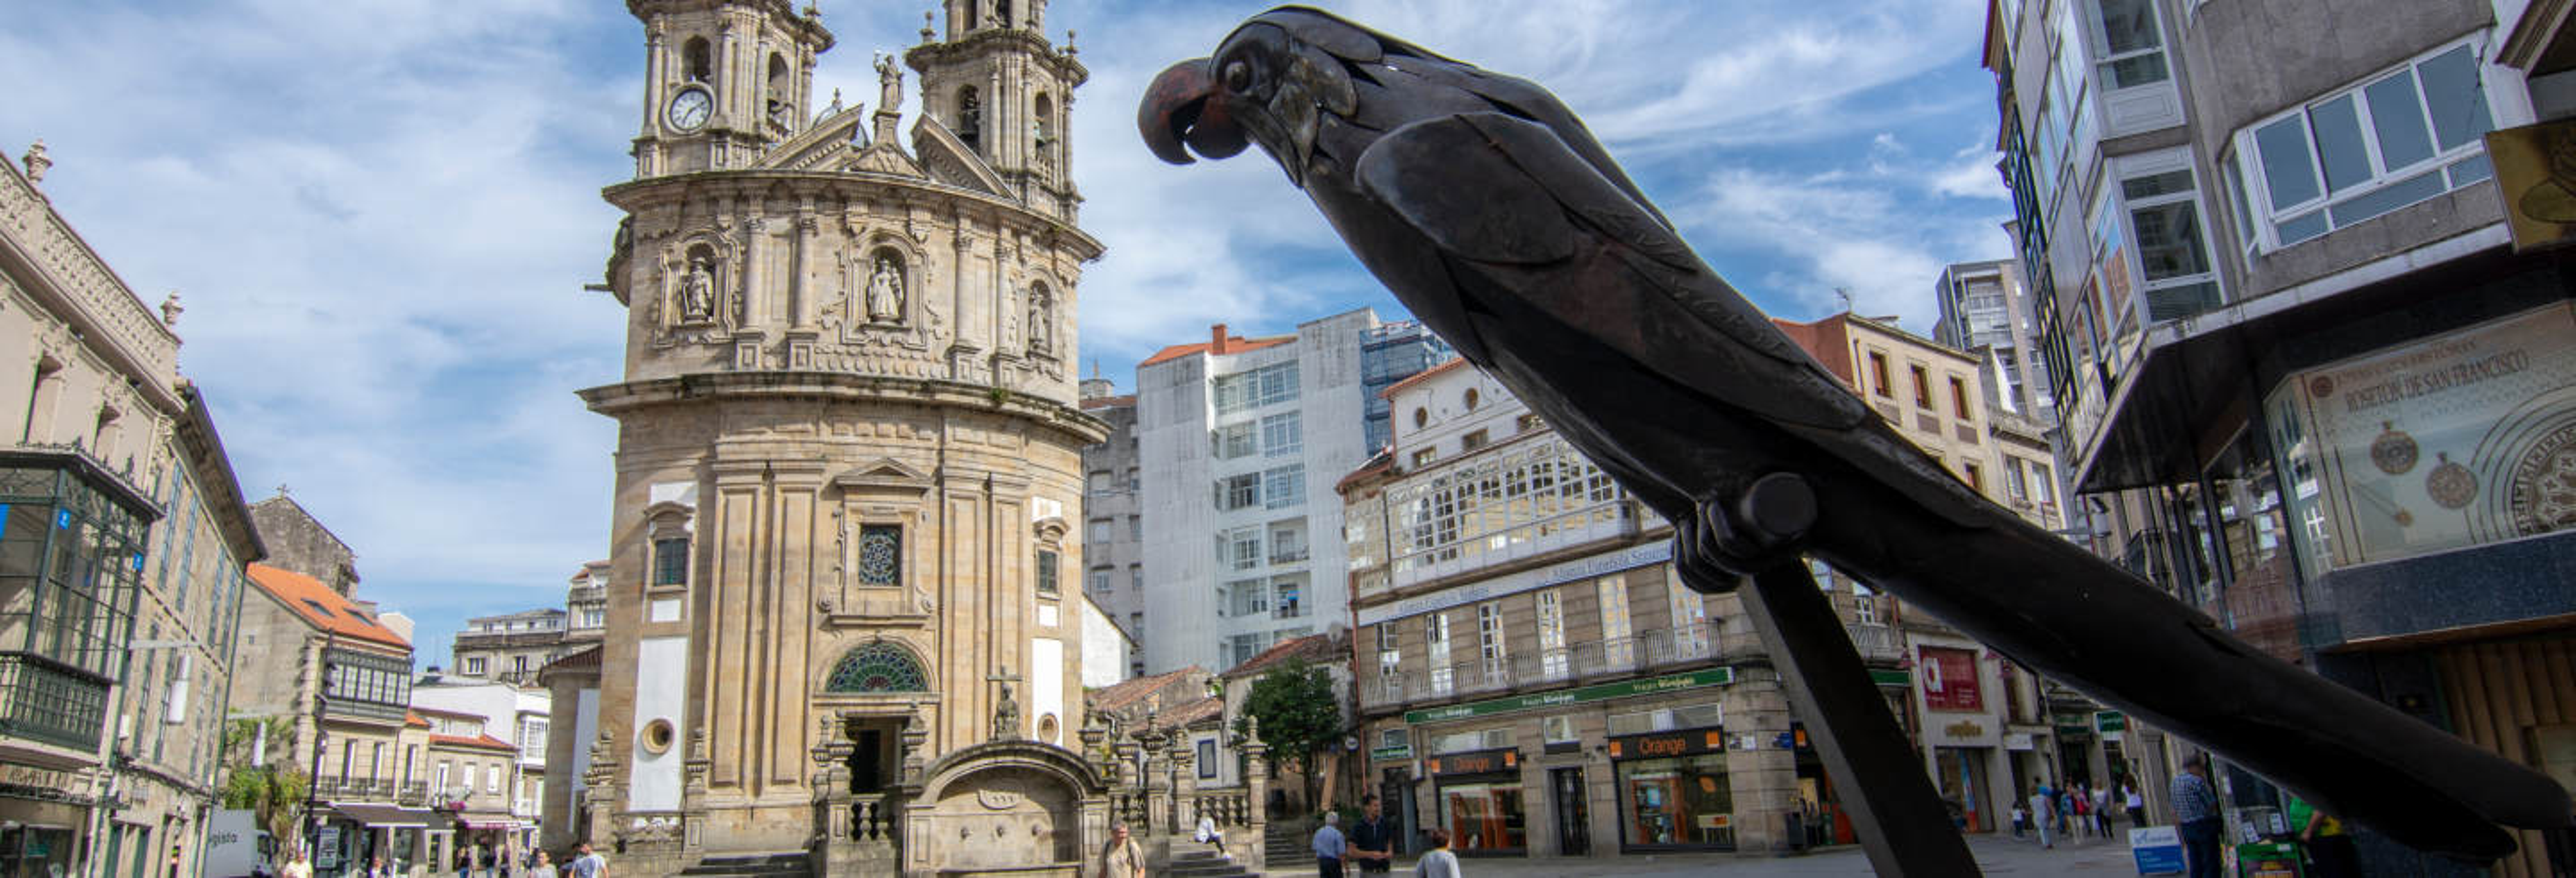 Free tour de los misterios y leyendas de Pontevedra ¡Gratis!